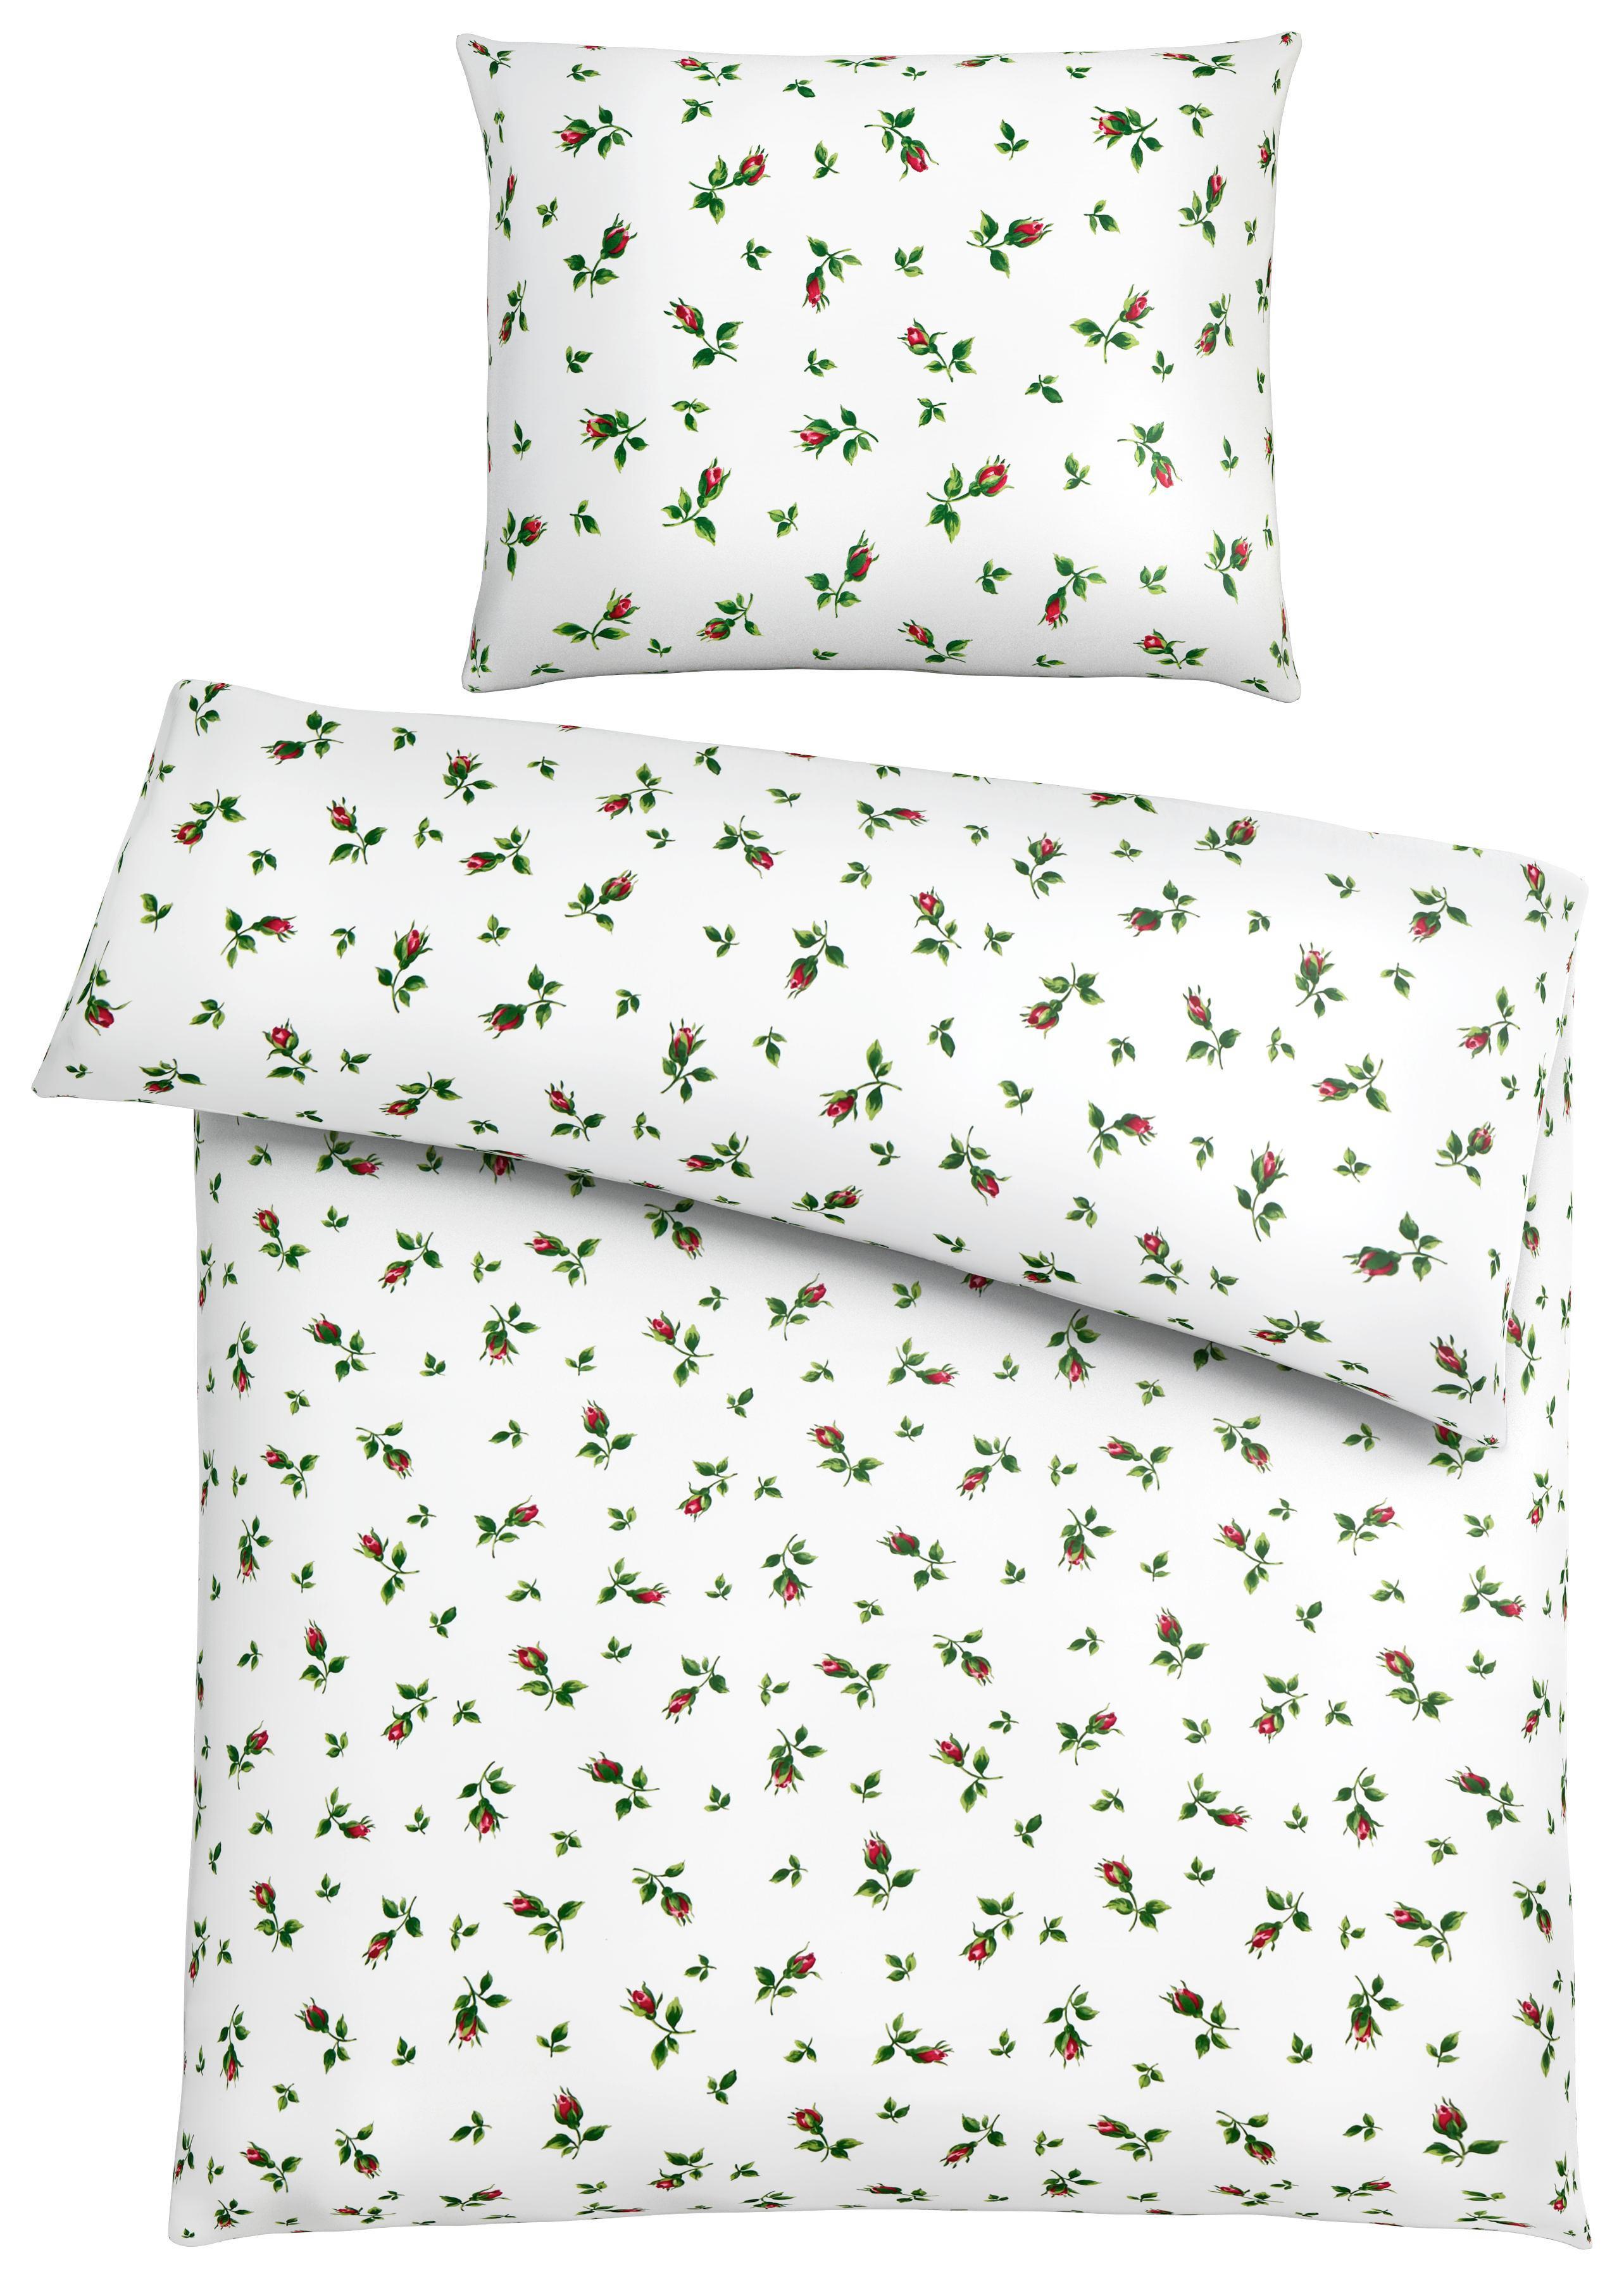 Fussenegger Bettwasche Aus Makosatin Weiss Blumen